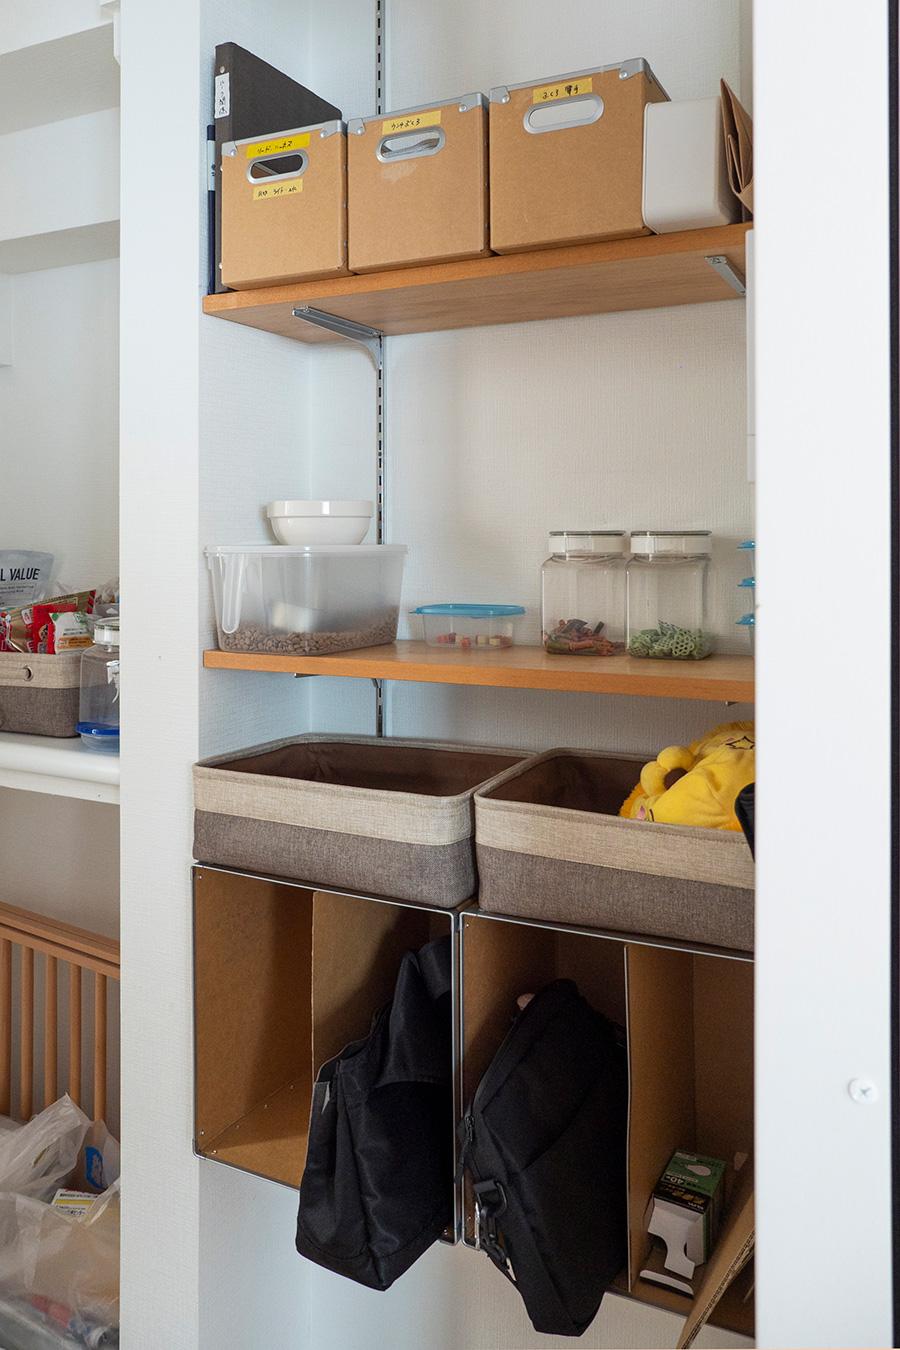 犬グッズコーナー。ドッグフードの盛り付けなどがしやすいよう、棚板の間隔を設定。下の段は無印良品のボックスを利用してカバン置き場に。